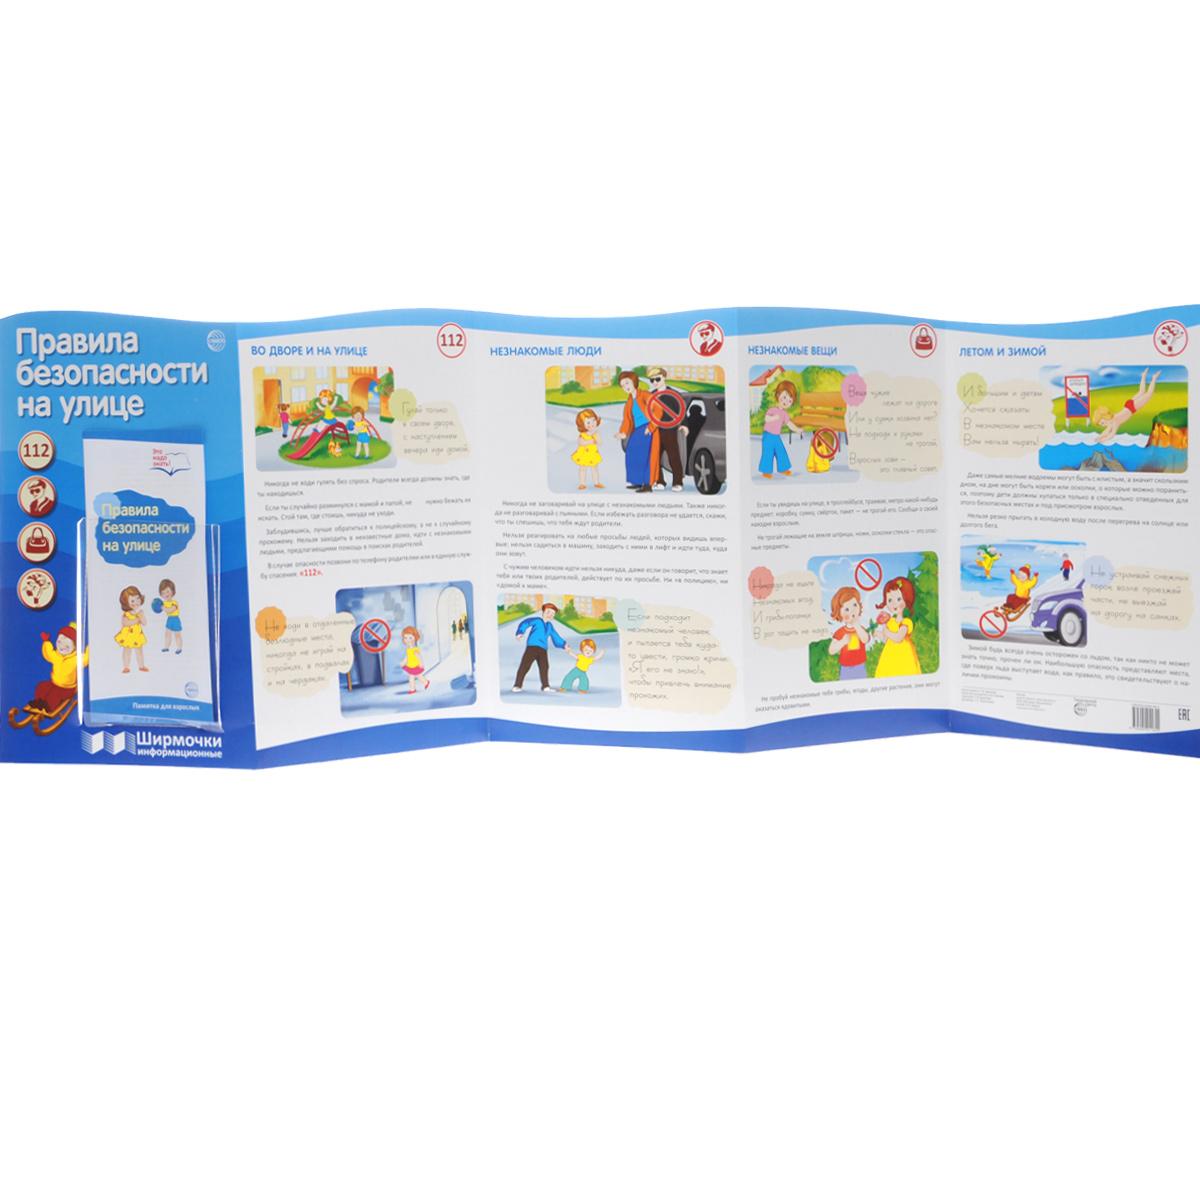 Т. В. Цветкова Правила безопасности на улице. Ширмочки информационные (+ буклет) для кормления ребенка на улице